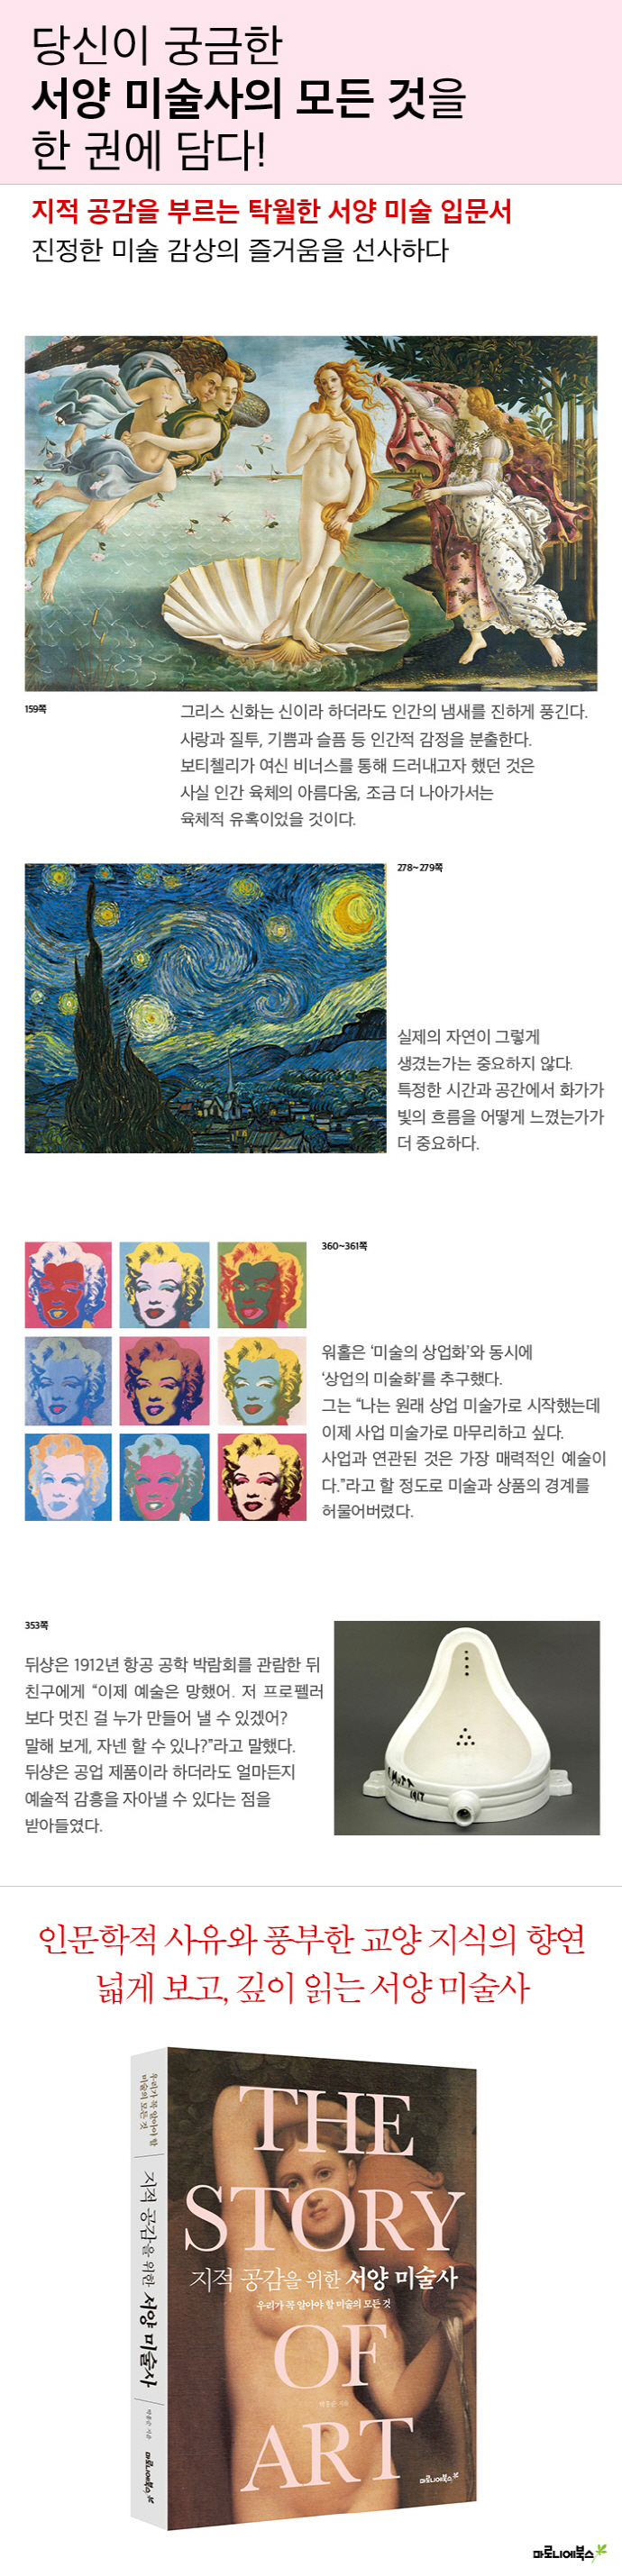 지적 공감을 위한 서양 미술사 도서 상세이미지